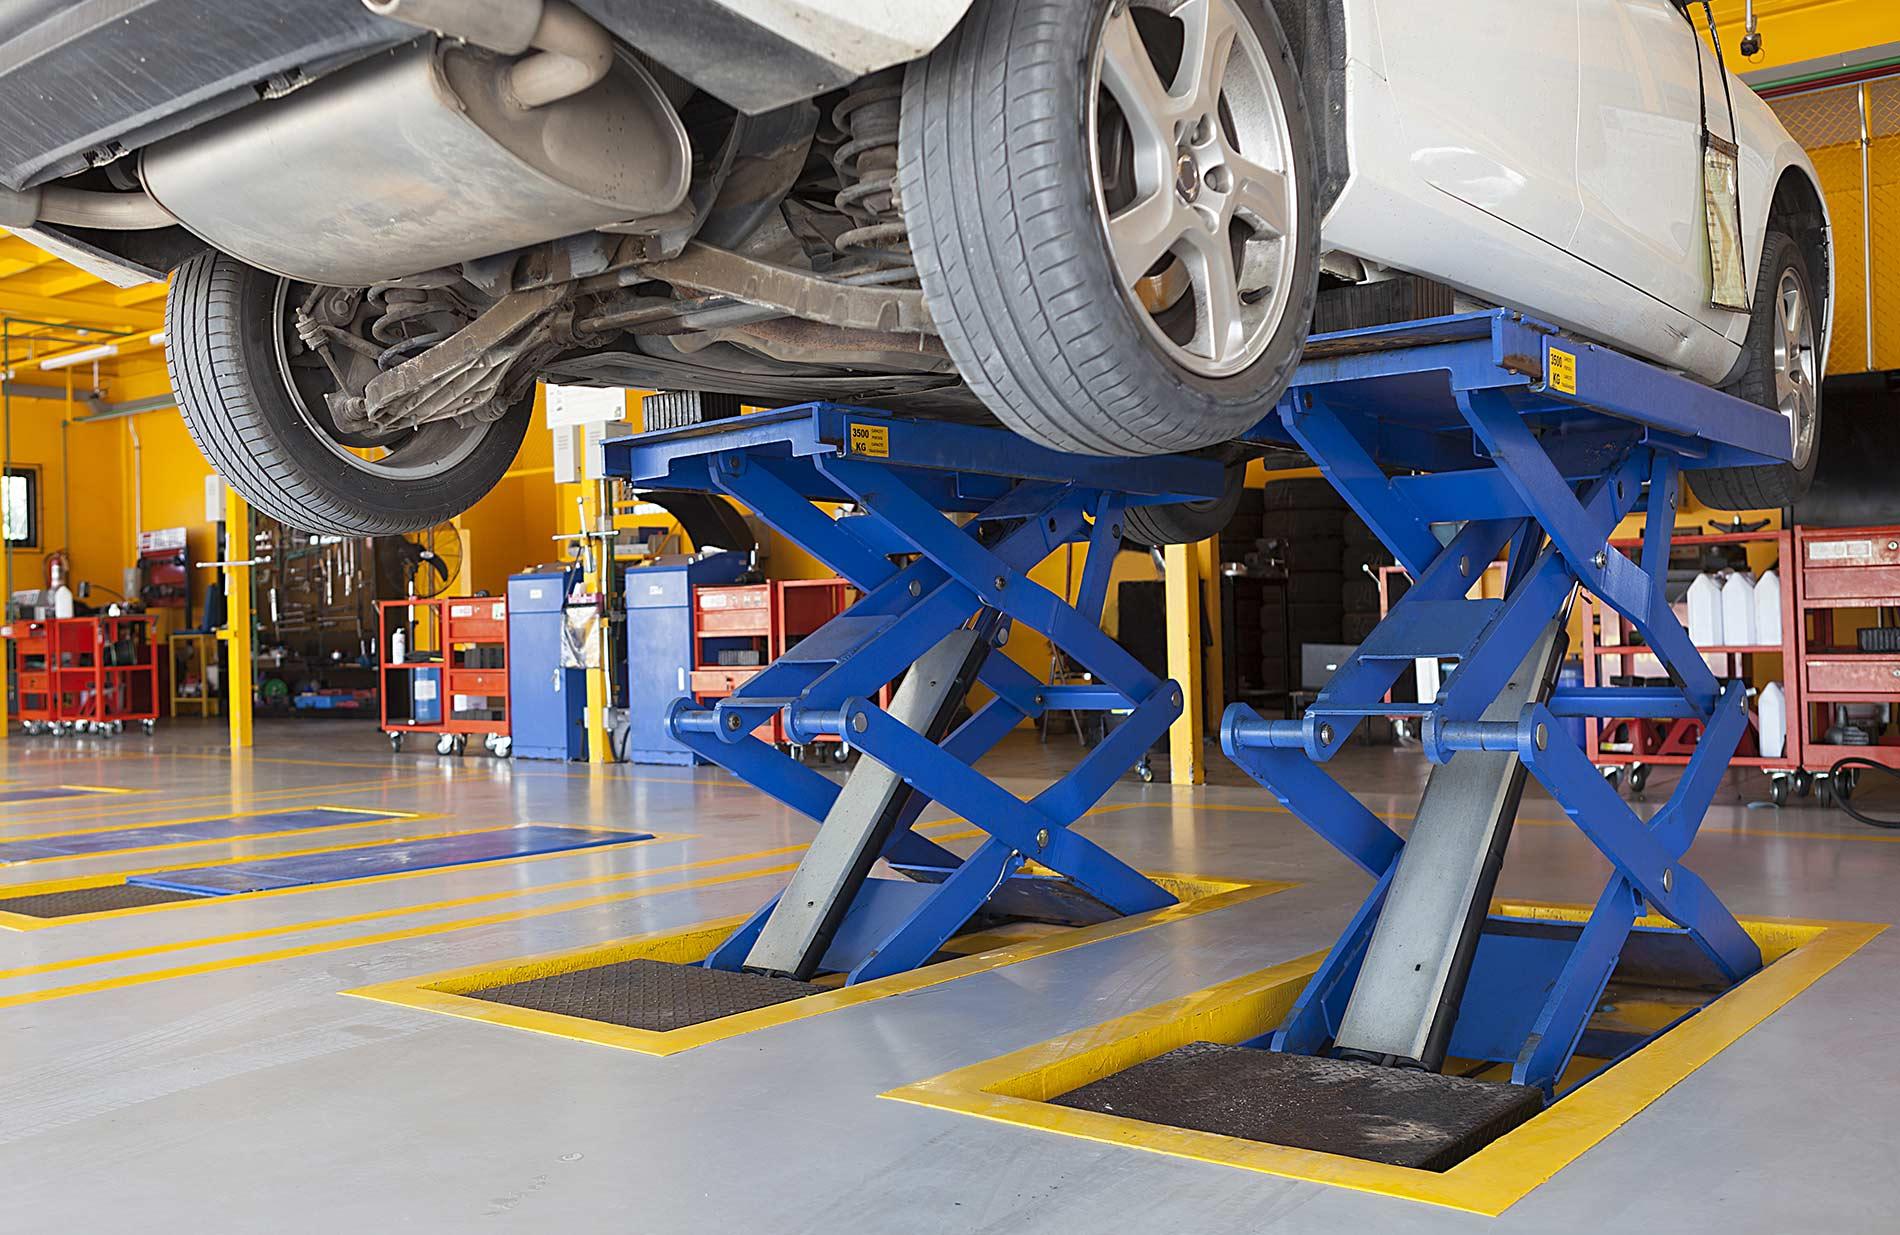 Ponti sollevatori que riduce i tempi di attesa e aumentando il coefficiente di sicurezza.